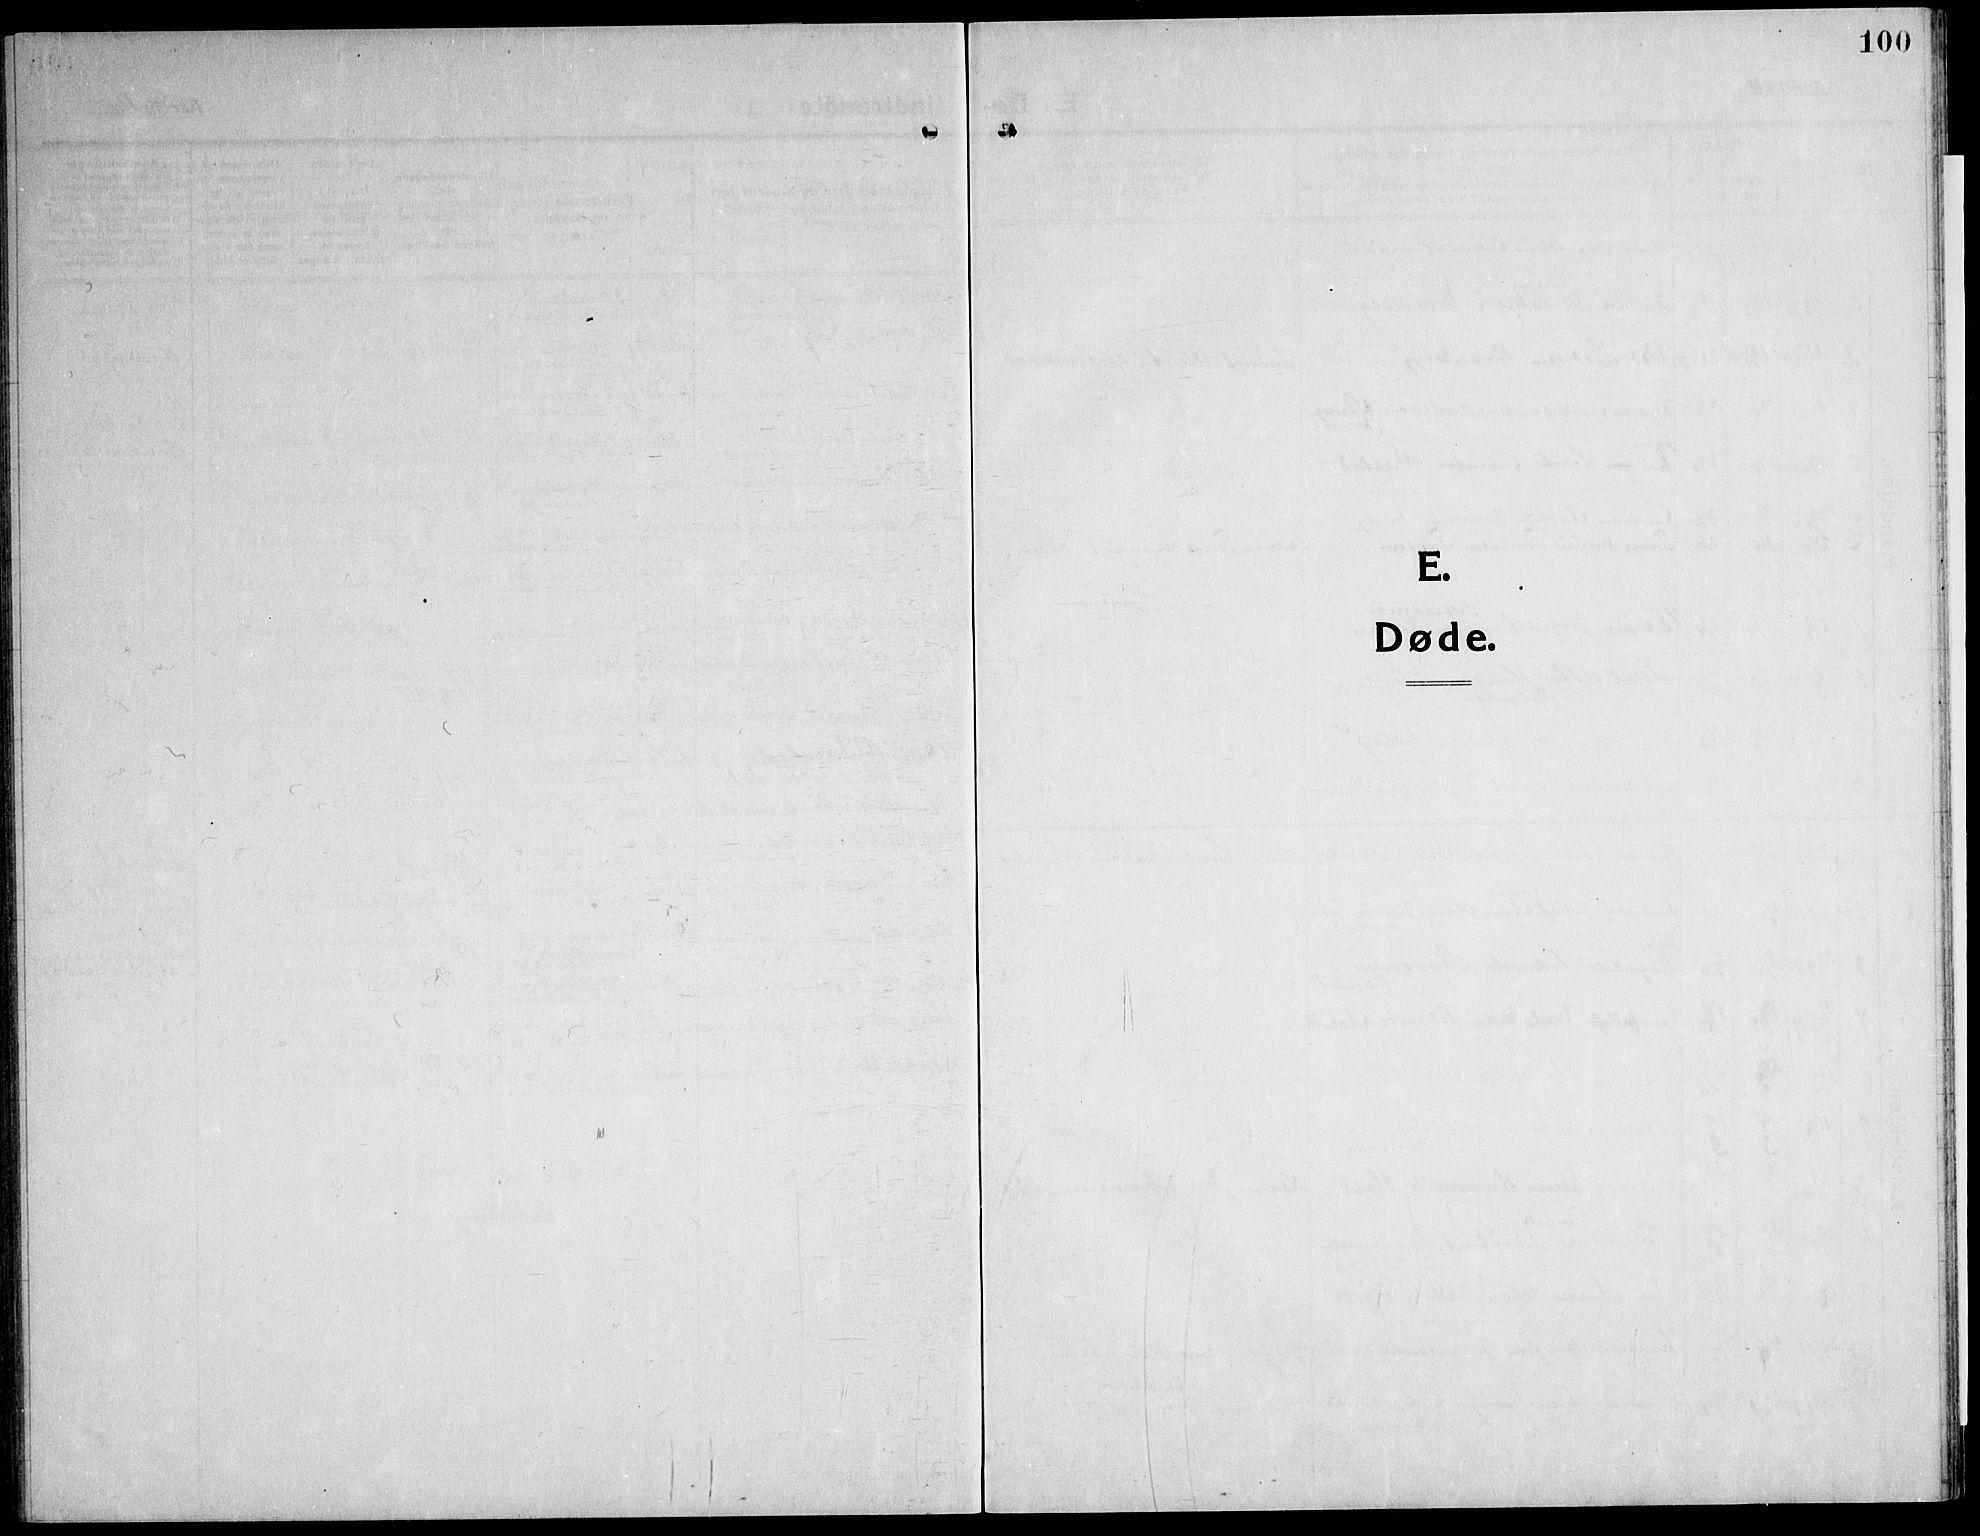 SAT, Ministerialprotokoller, klokkerbøker og fødselsregistre - Nord-Trøndelag, 732/L0319: Klokkerbok nr. 732C03, 1911-1945, s. 100